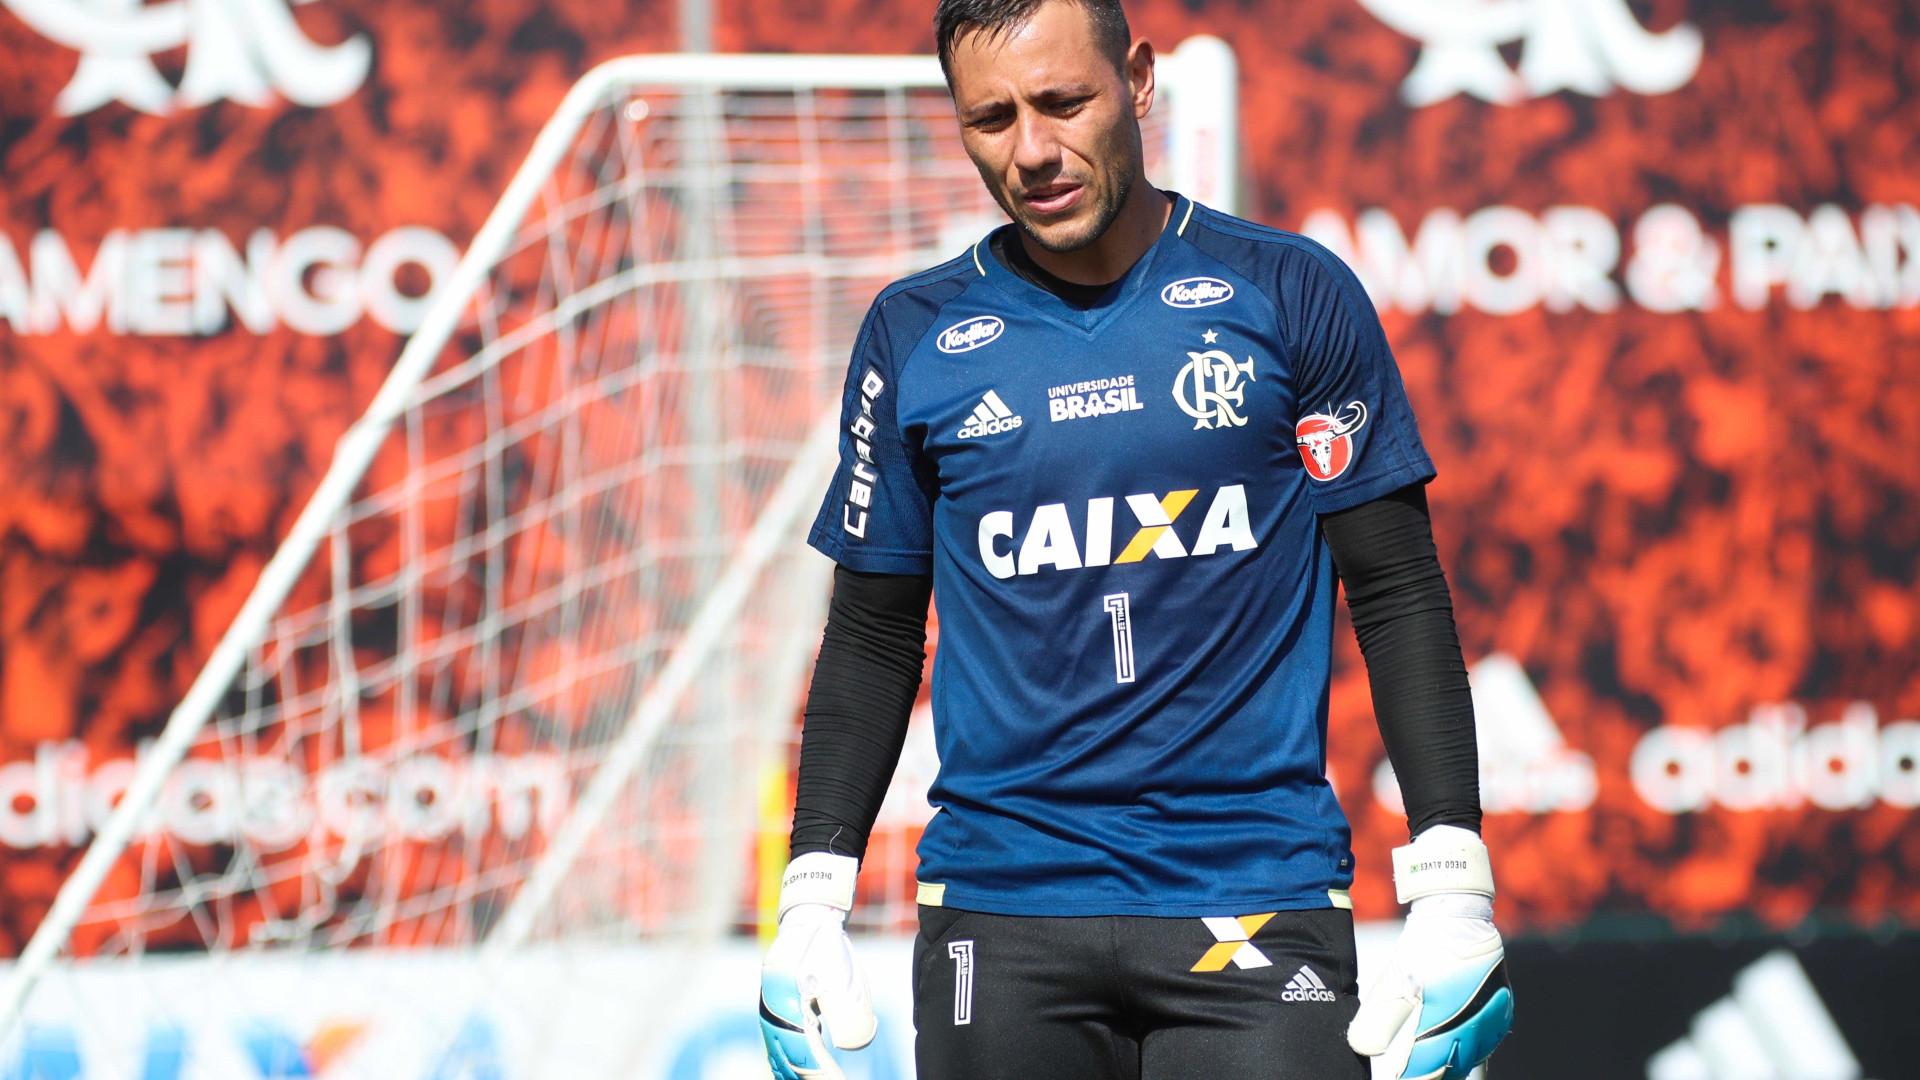 e7a1c0d3c2989 Flamengo 2018  um grande time começa com Diego Alves